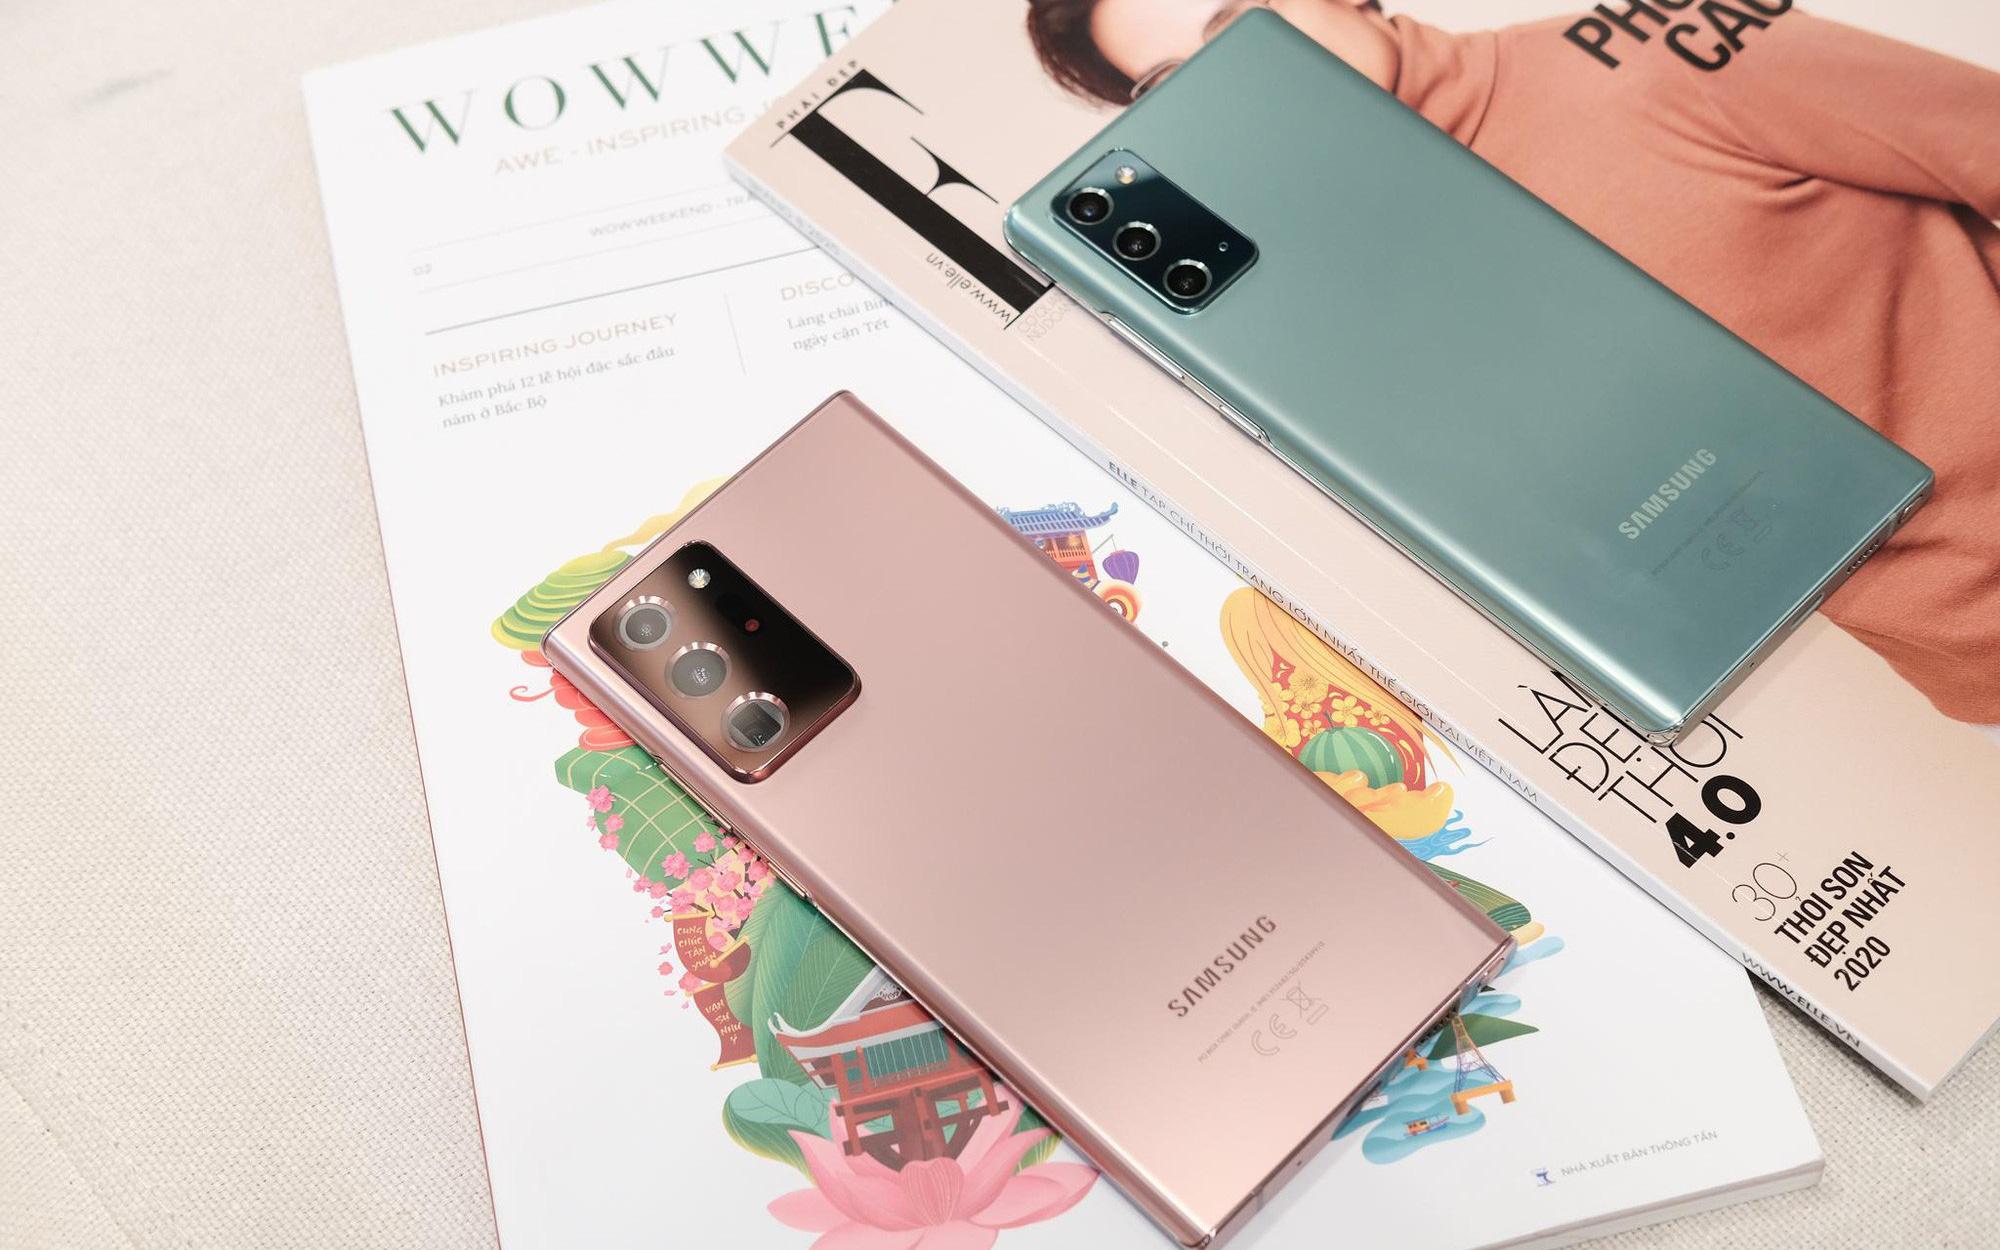 Nhìn lại màn ra mắt siêu phẩm Galaxy Note20: Sẵn sàng đưa thế giới bước vào kỷ nguyên 5G